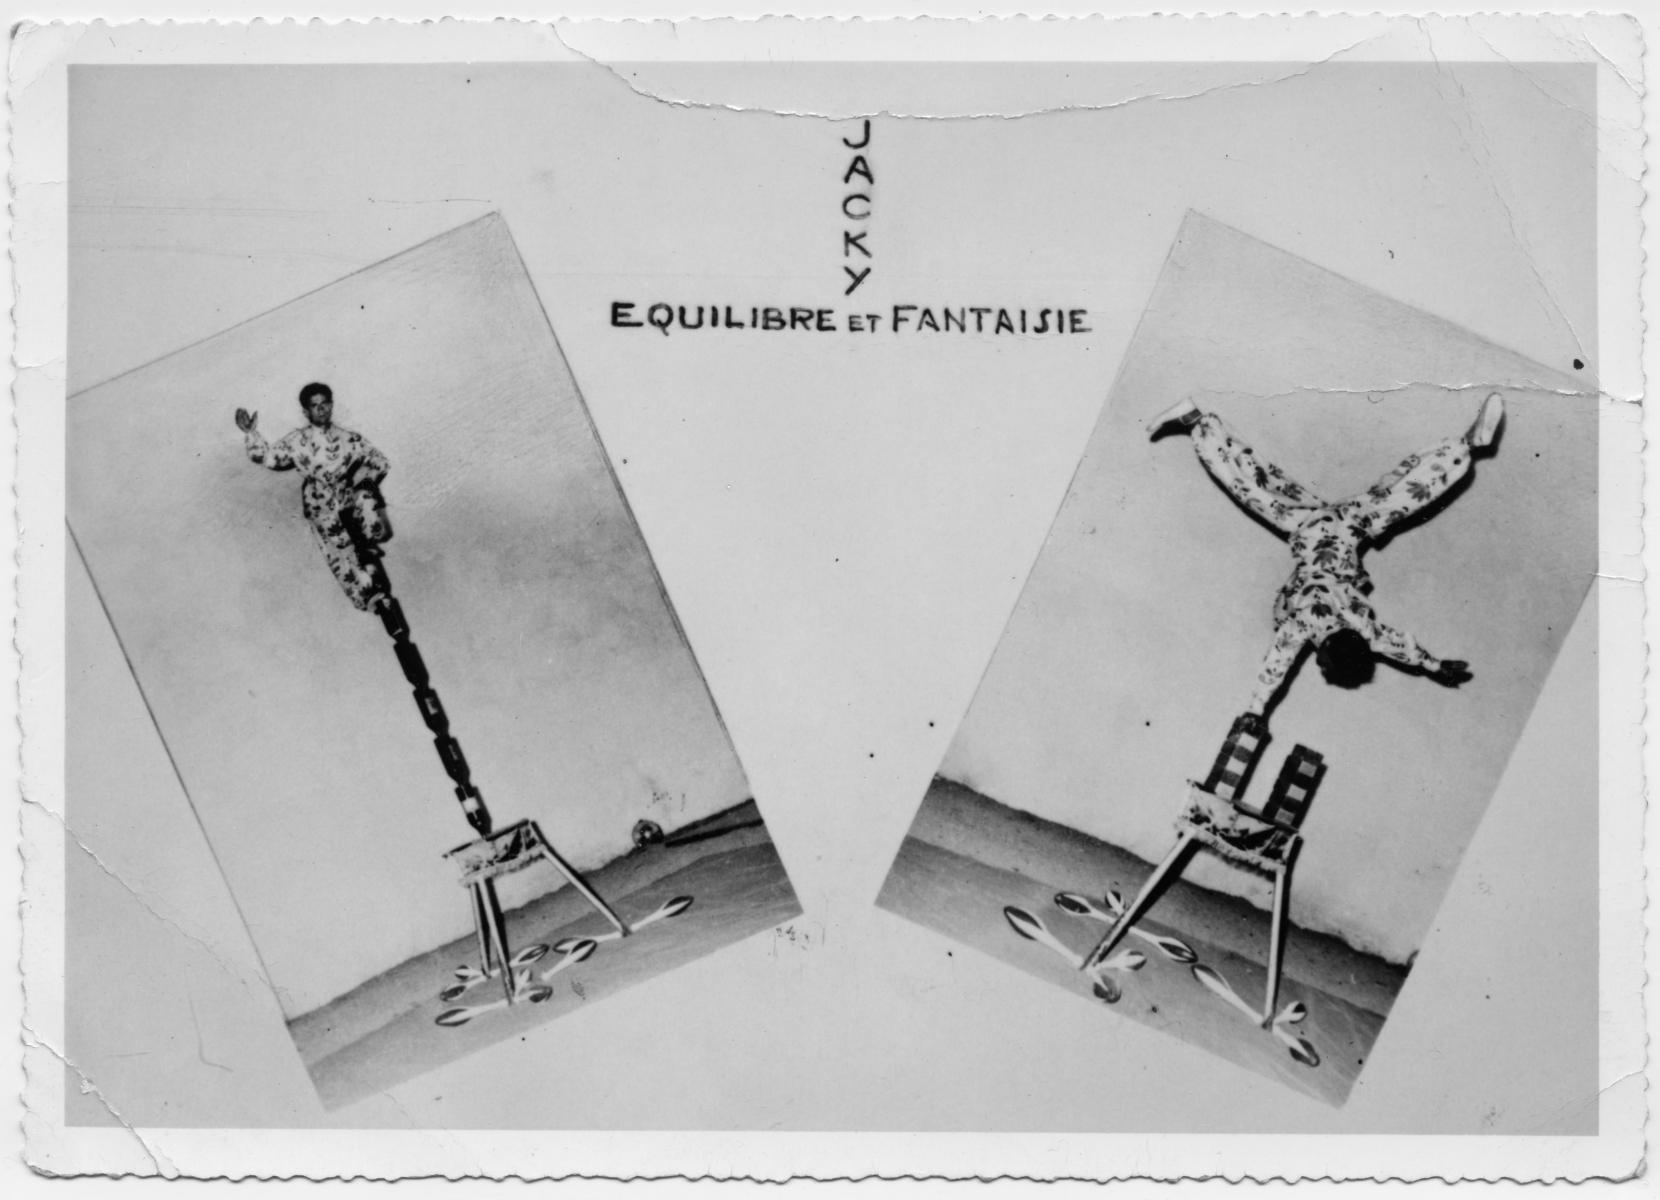 Jacky-Pautrat-Carte-Equilibre-et-Fantaisie-GC